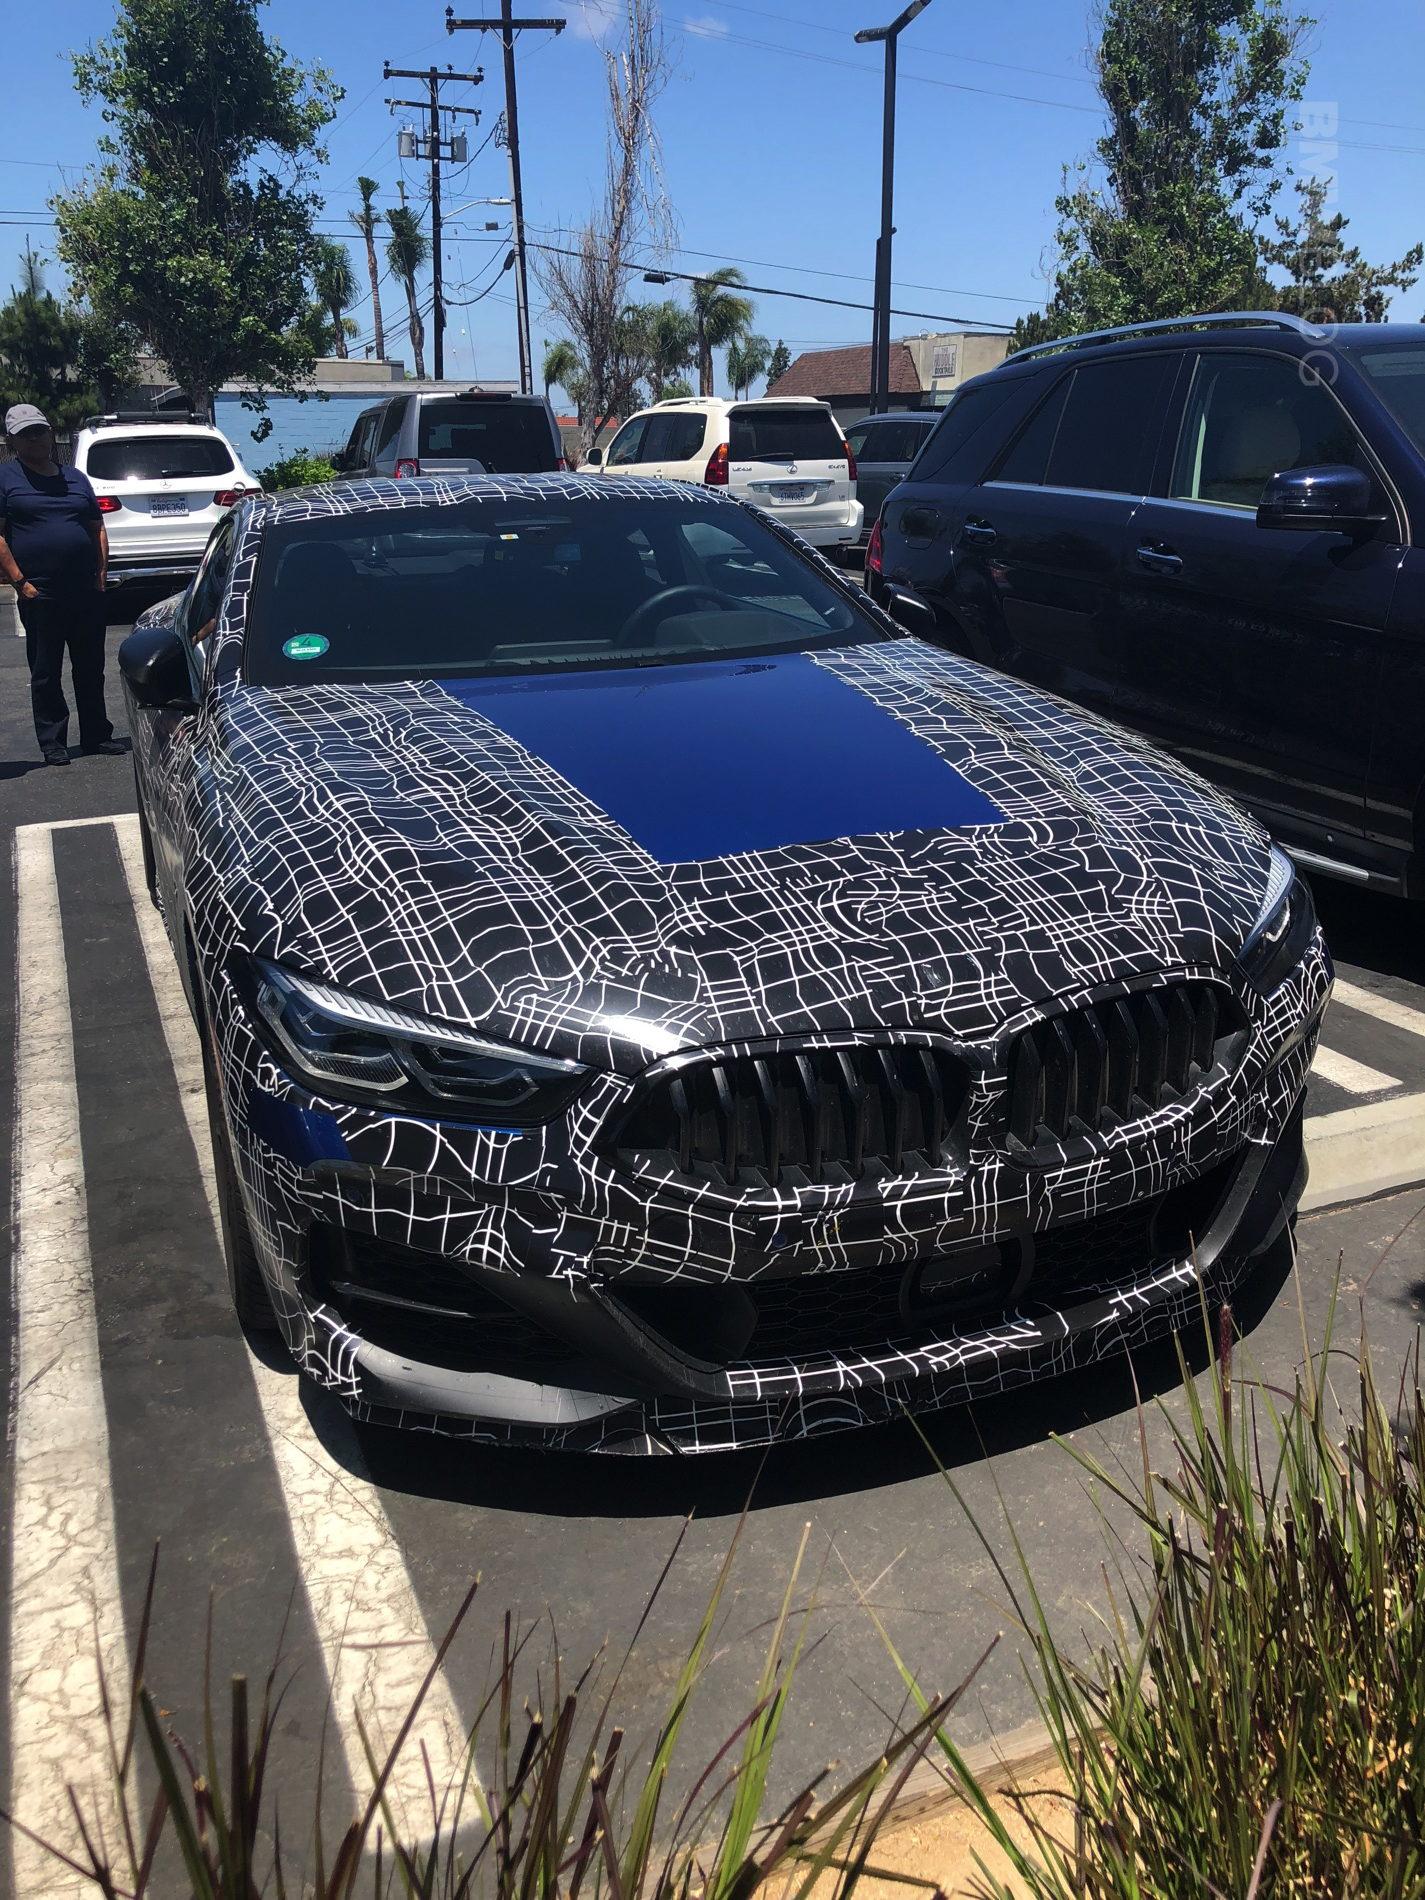 BMW M8 Coupe spy photos 02 e1531169288688